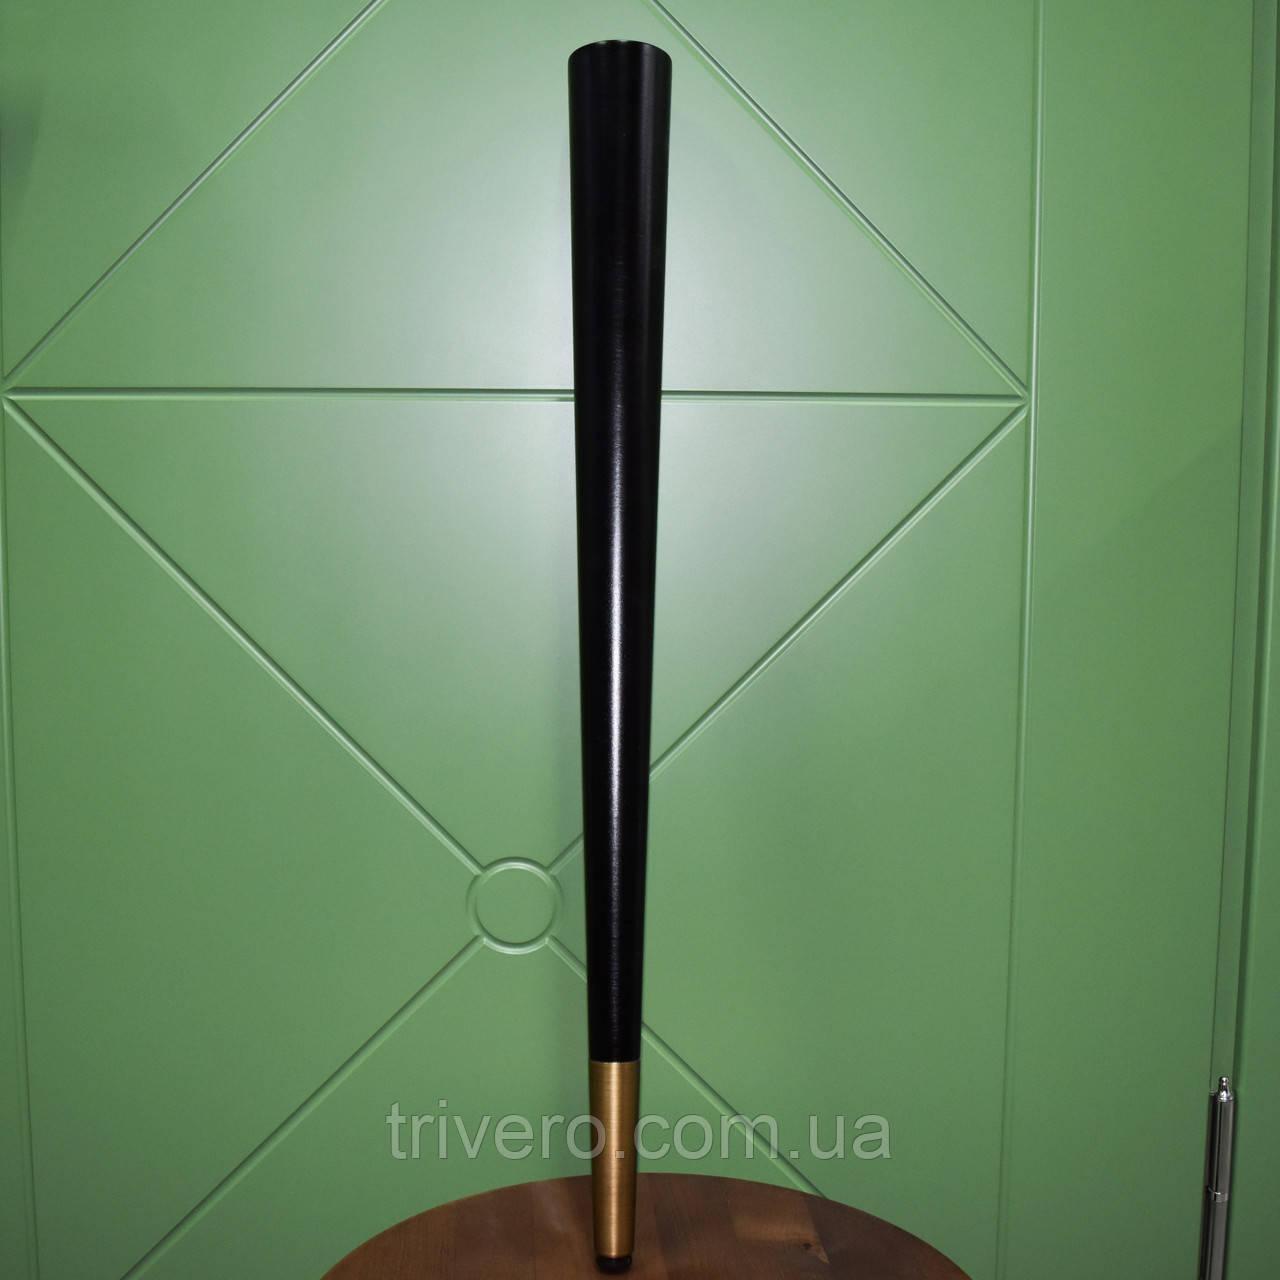 Высокая конусная опора с металлическим наконечником